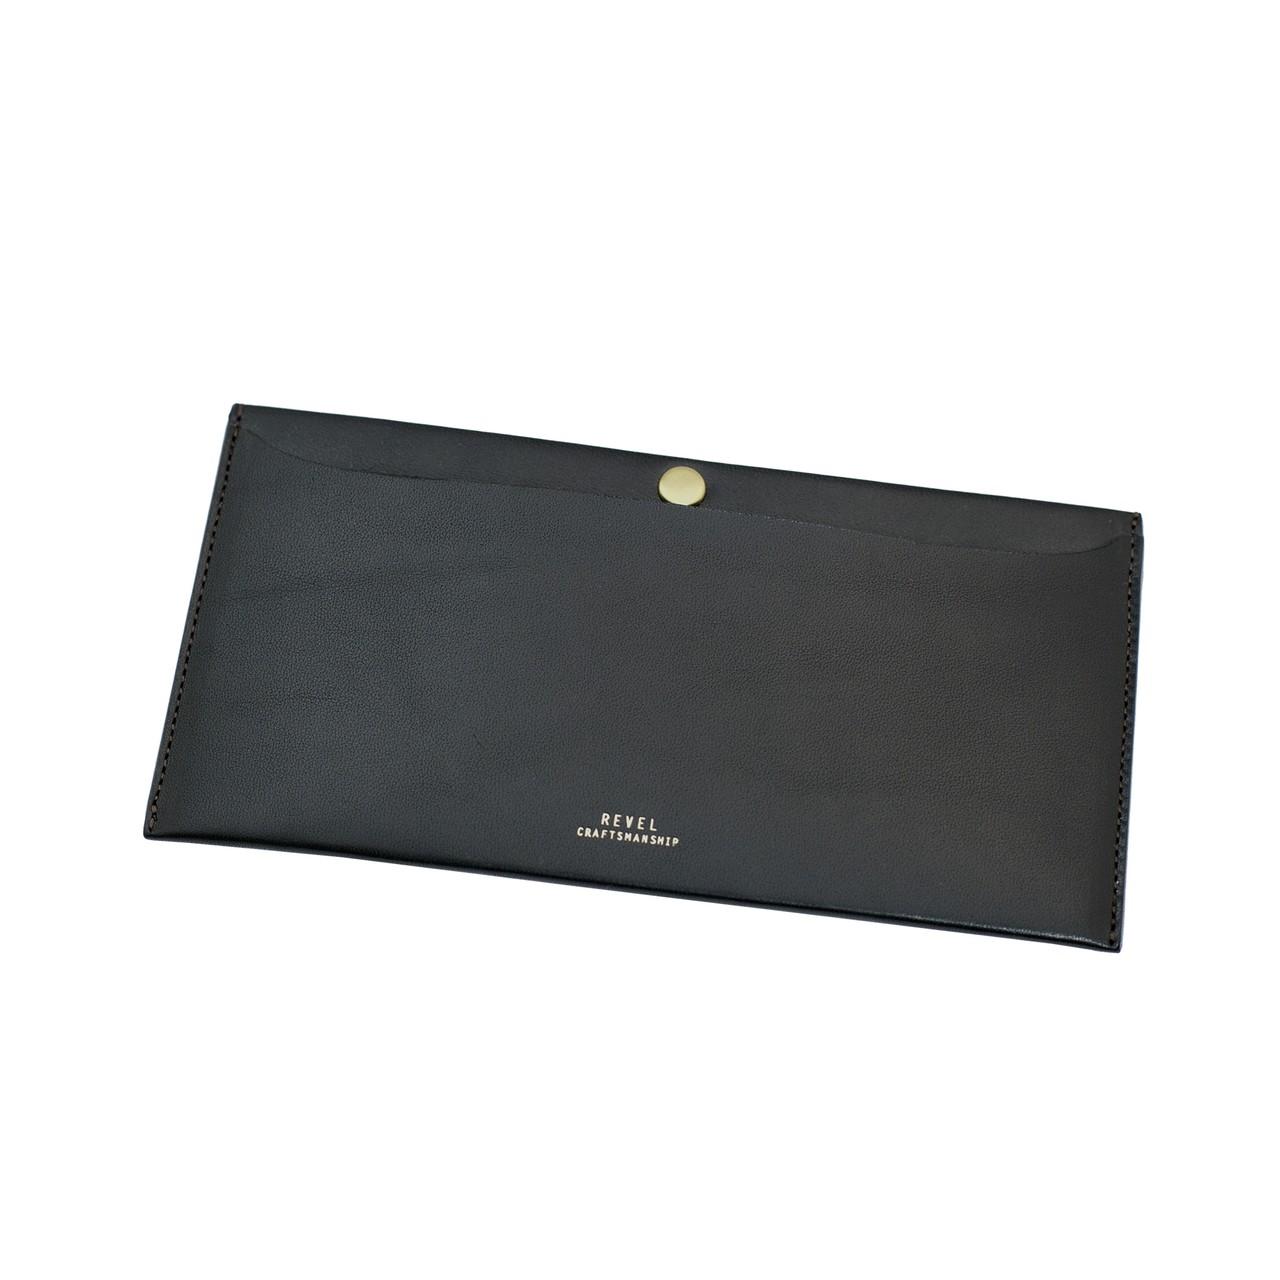 極薄長財布 - L.WALLETブラック